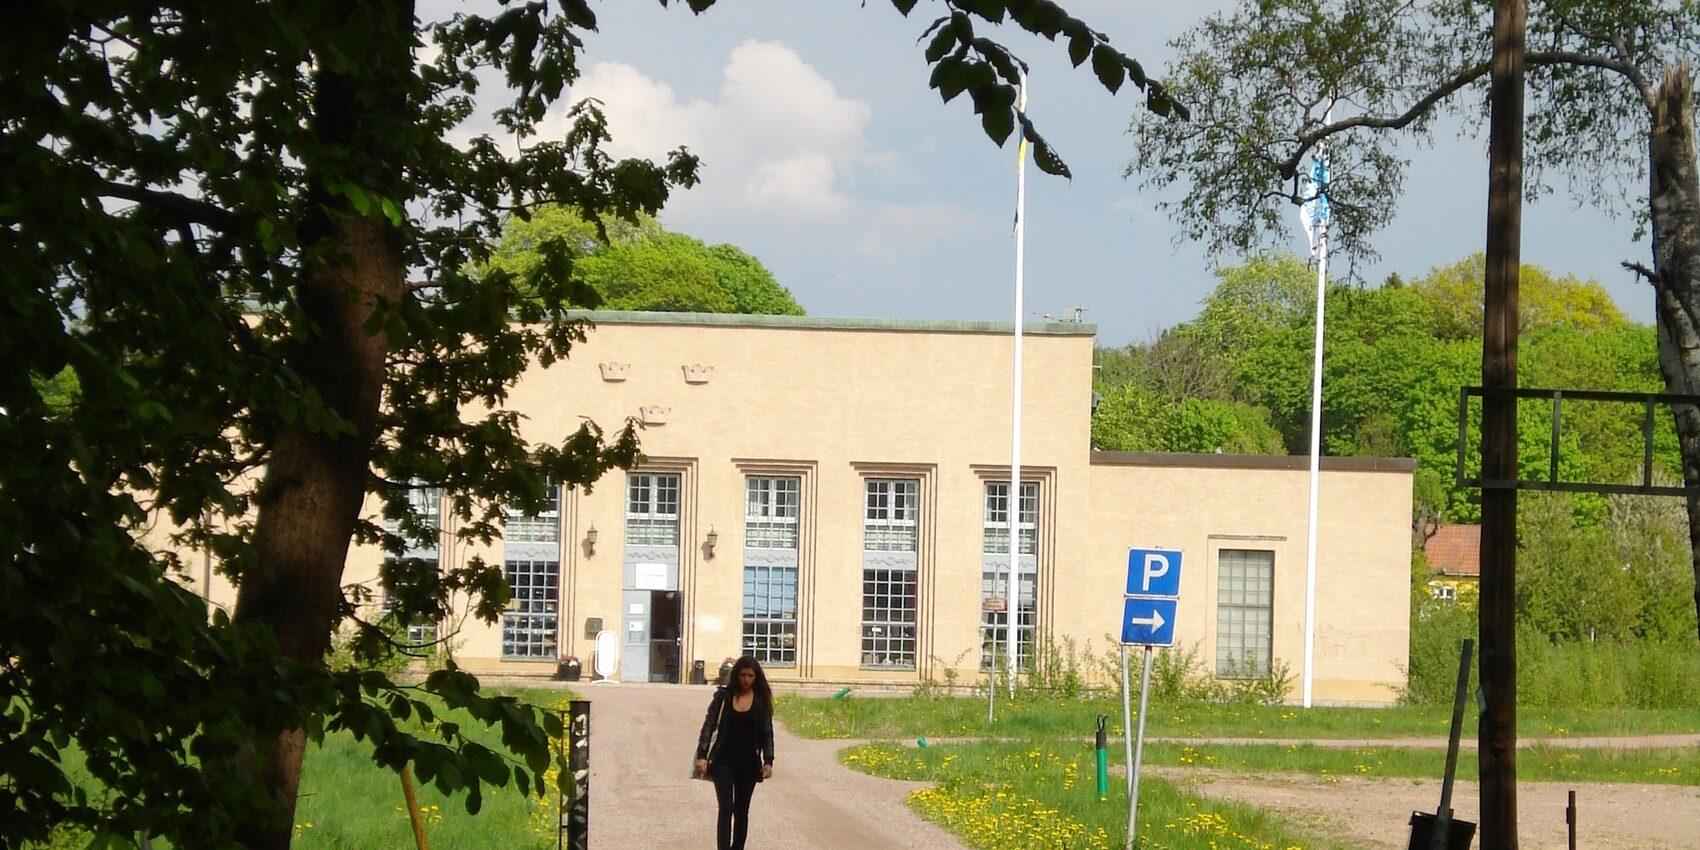 Fot taget från långt håll på en vit byggnad, en silhuett av en gående person syns framför byggnaden.